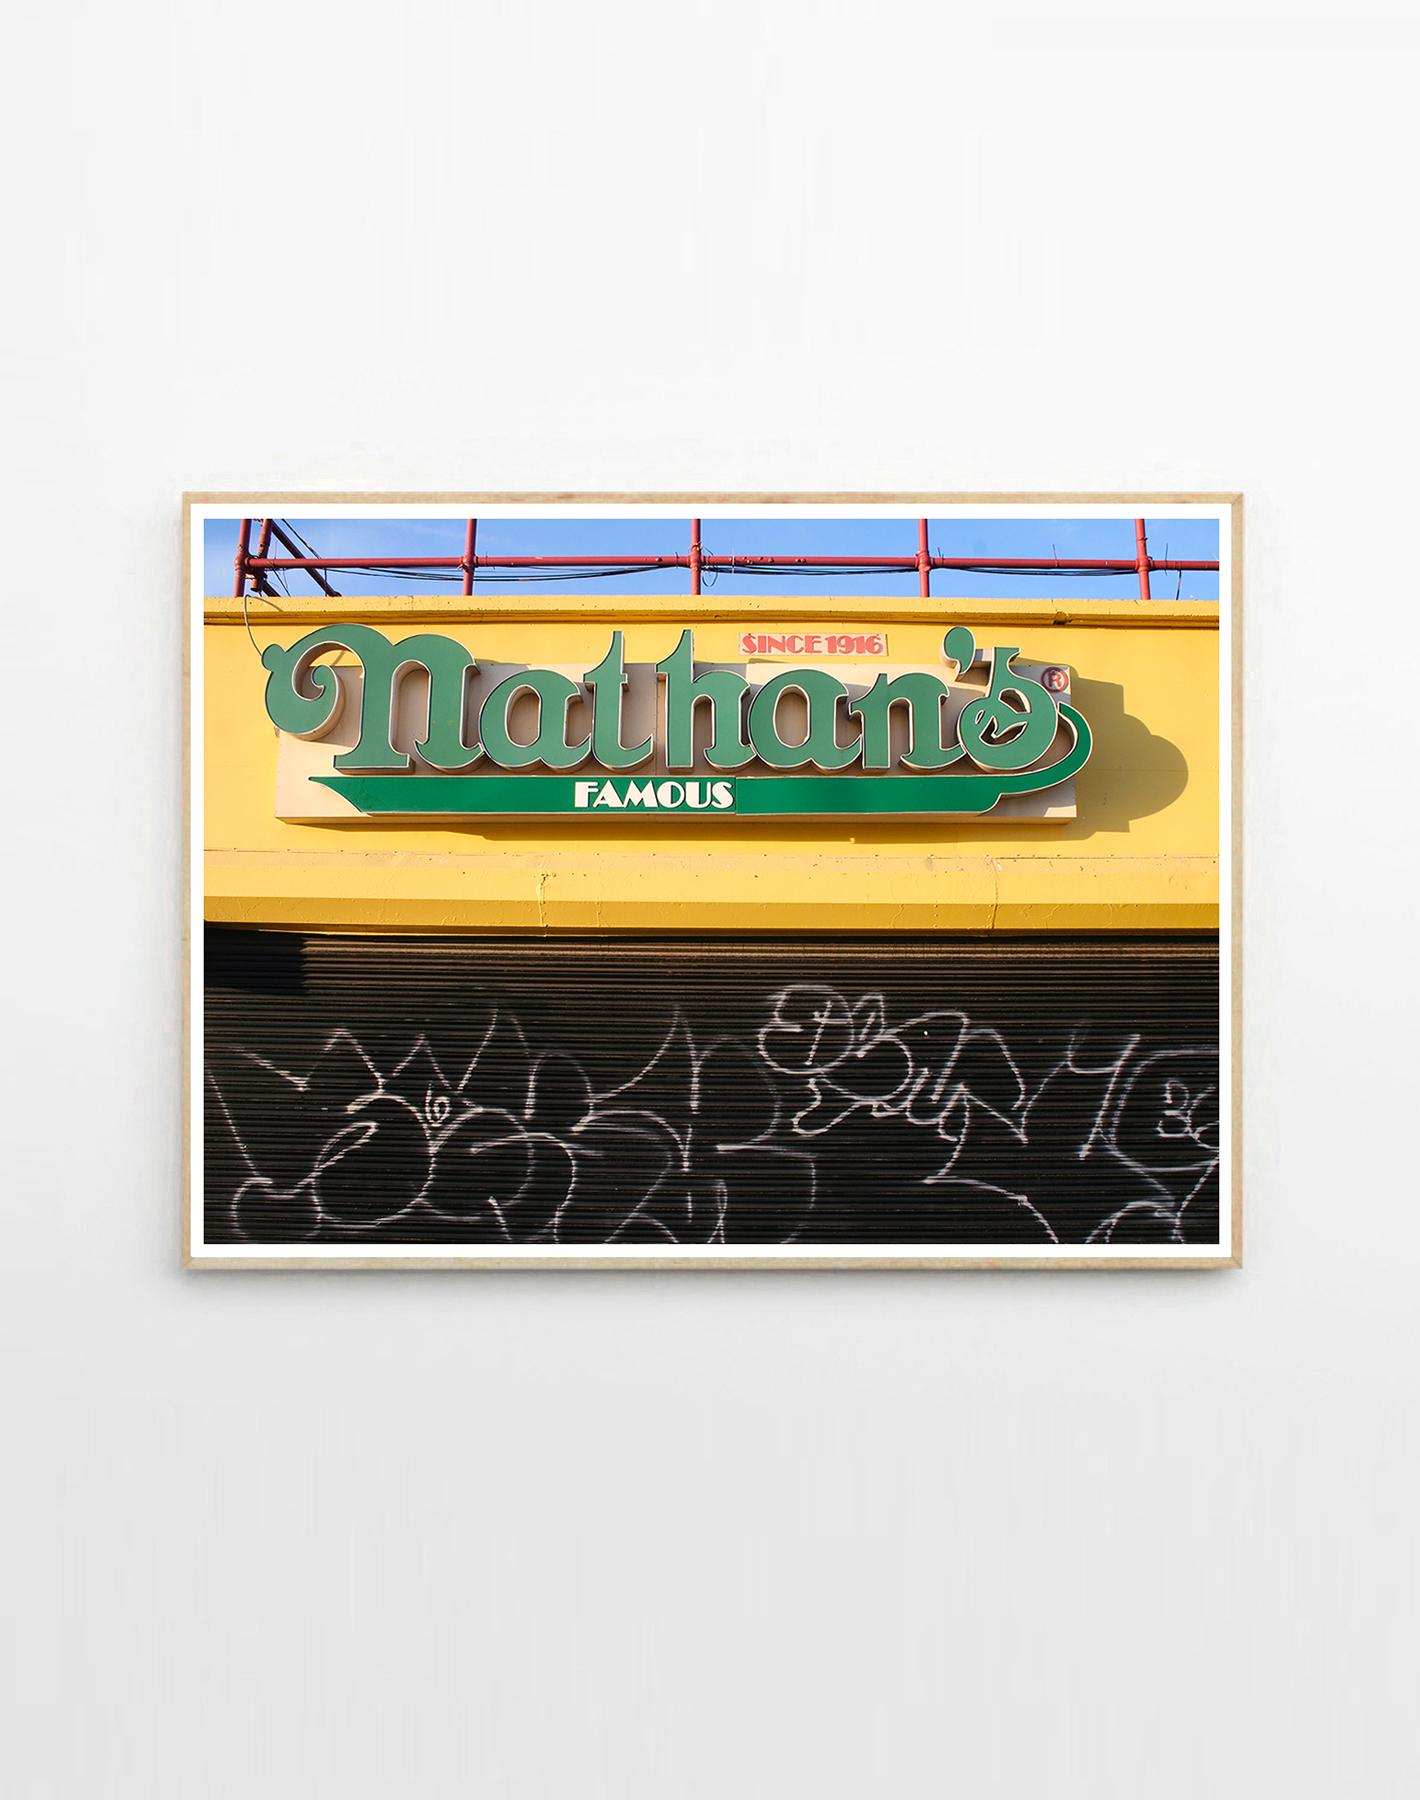 kunsttryk, fotografier, geometriske, still-life, arkitektur, årstider, sorte, gule, blæk, papir, arkitektoniske, strand, bygninger, design, interiør, bolig-indretning, Køb original kunst af den højeste kvalitet. Malerier, tegninger, limited edition kunsttryk & plakater af dygtige kunstnere.